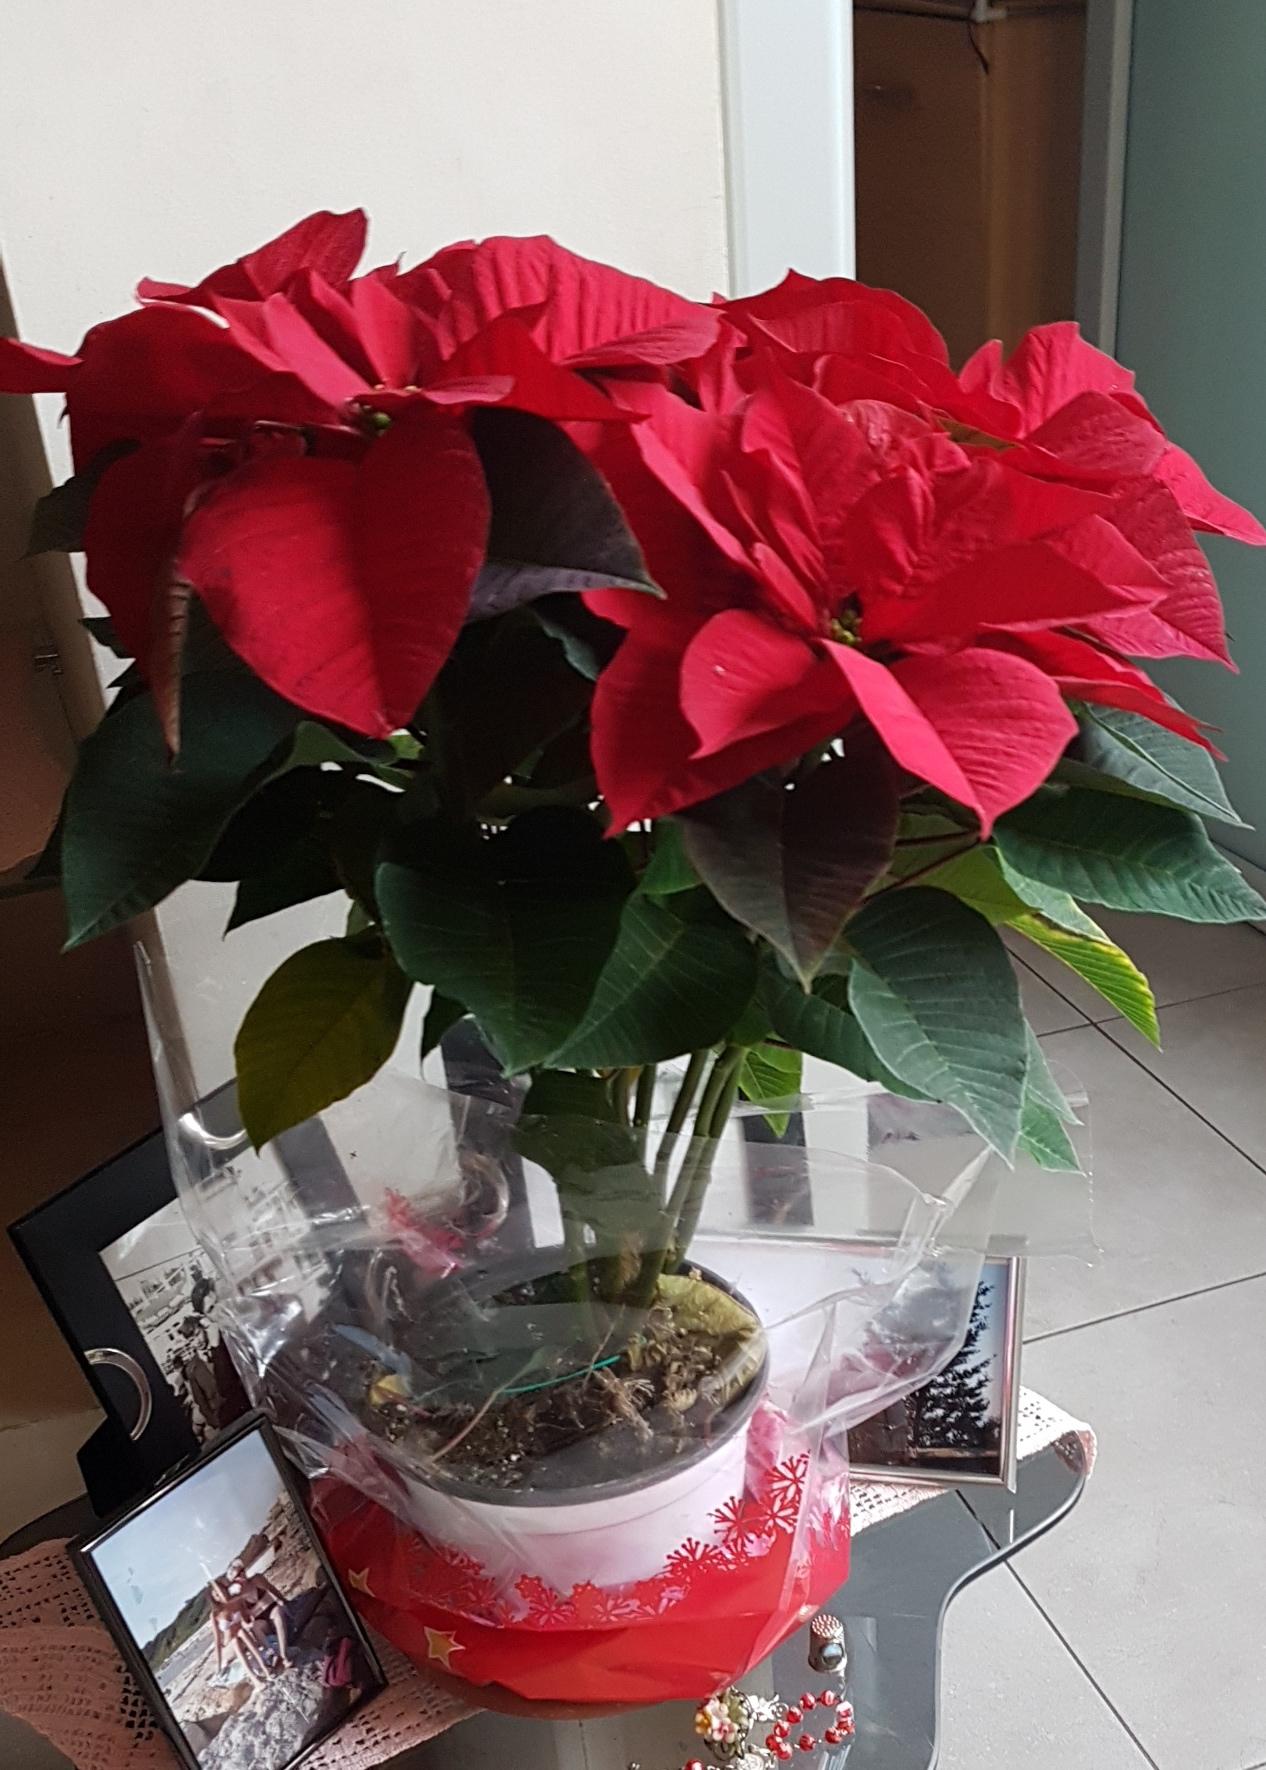 Stella Di Natale Pianta Come Mantenerla.Stella Di Natale Cure E Curiosita Lacuocaignorante